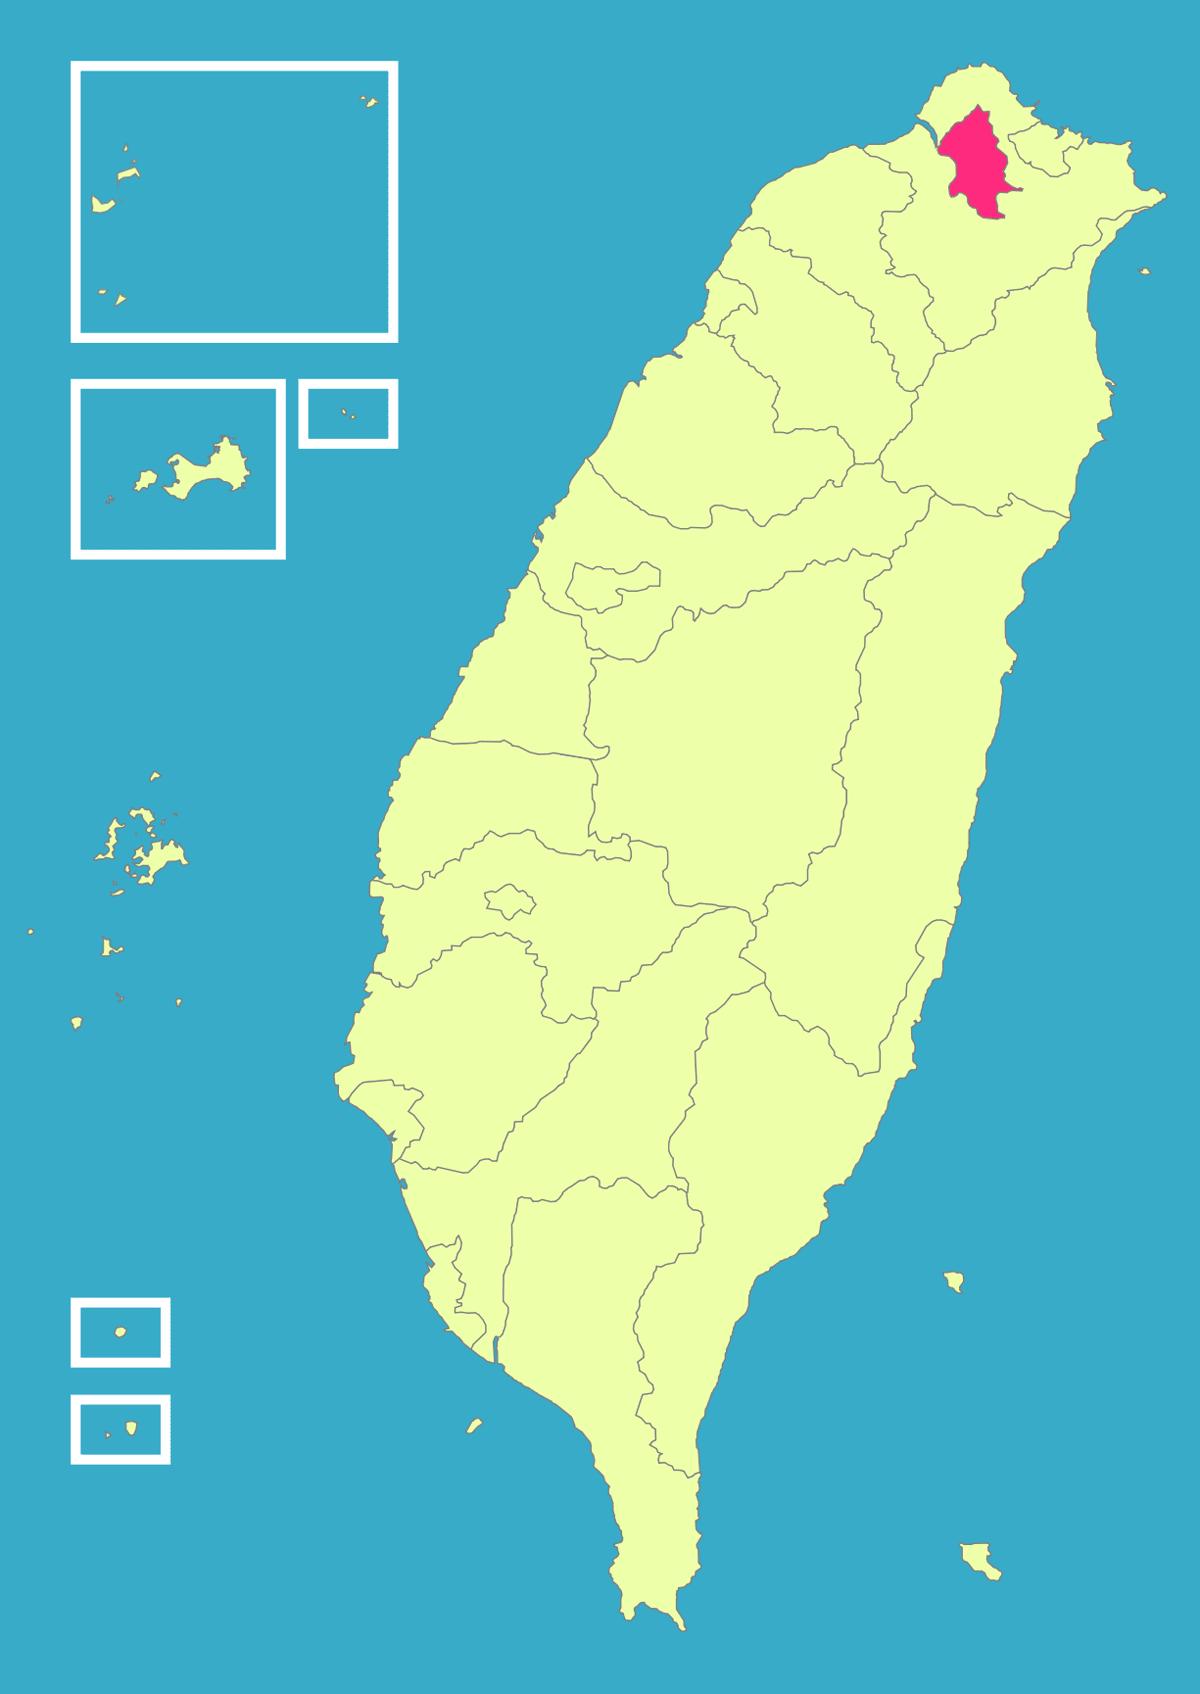 Taiwan Roc Political Division Map Taipei City my island